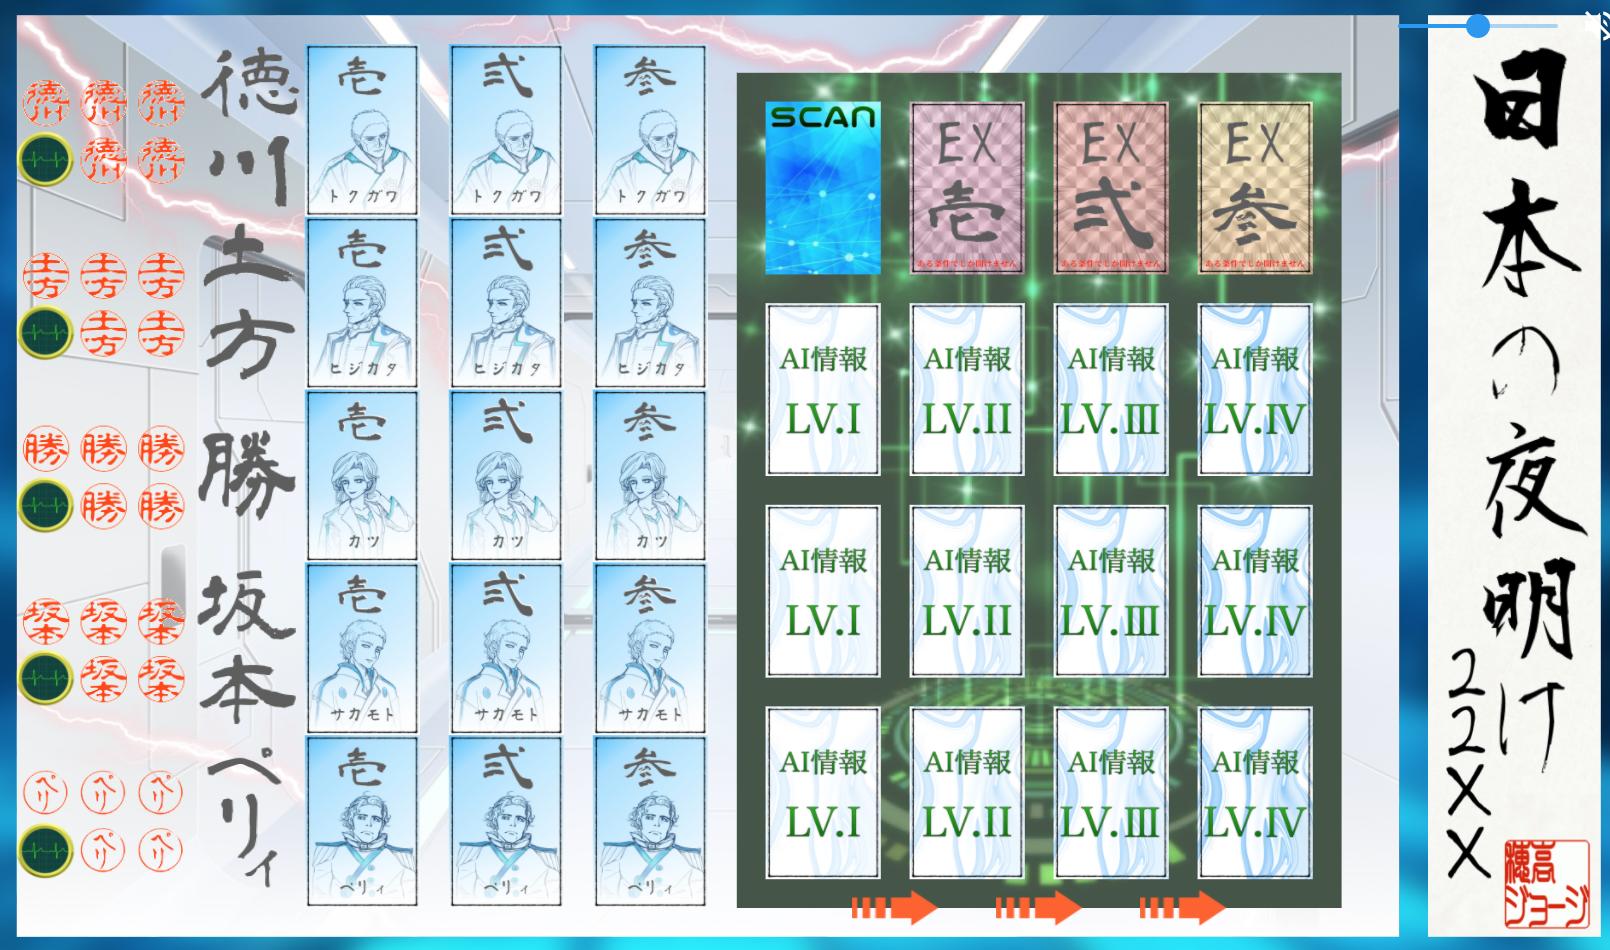 ニッポンのヨアケ22XX盤面